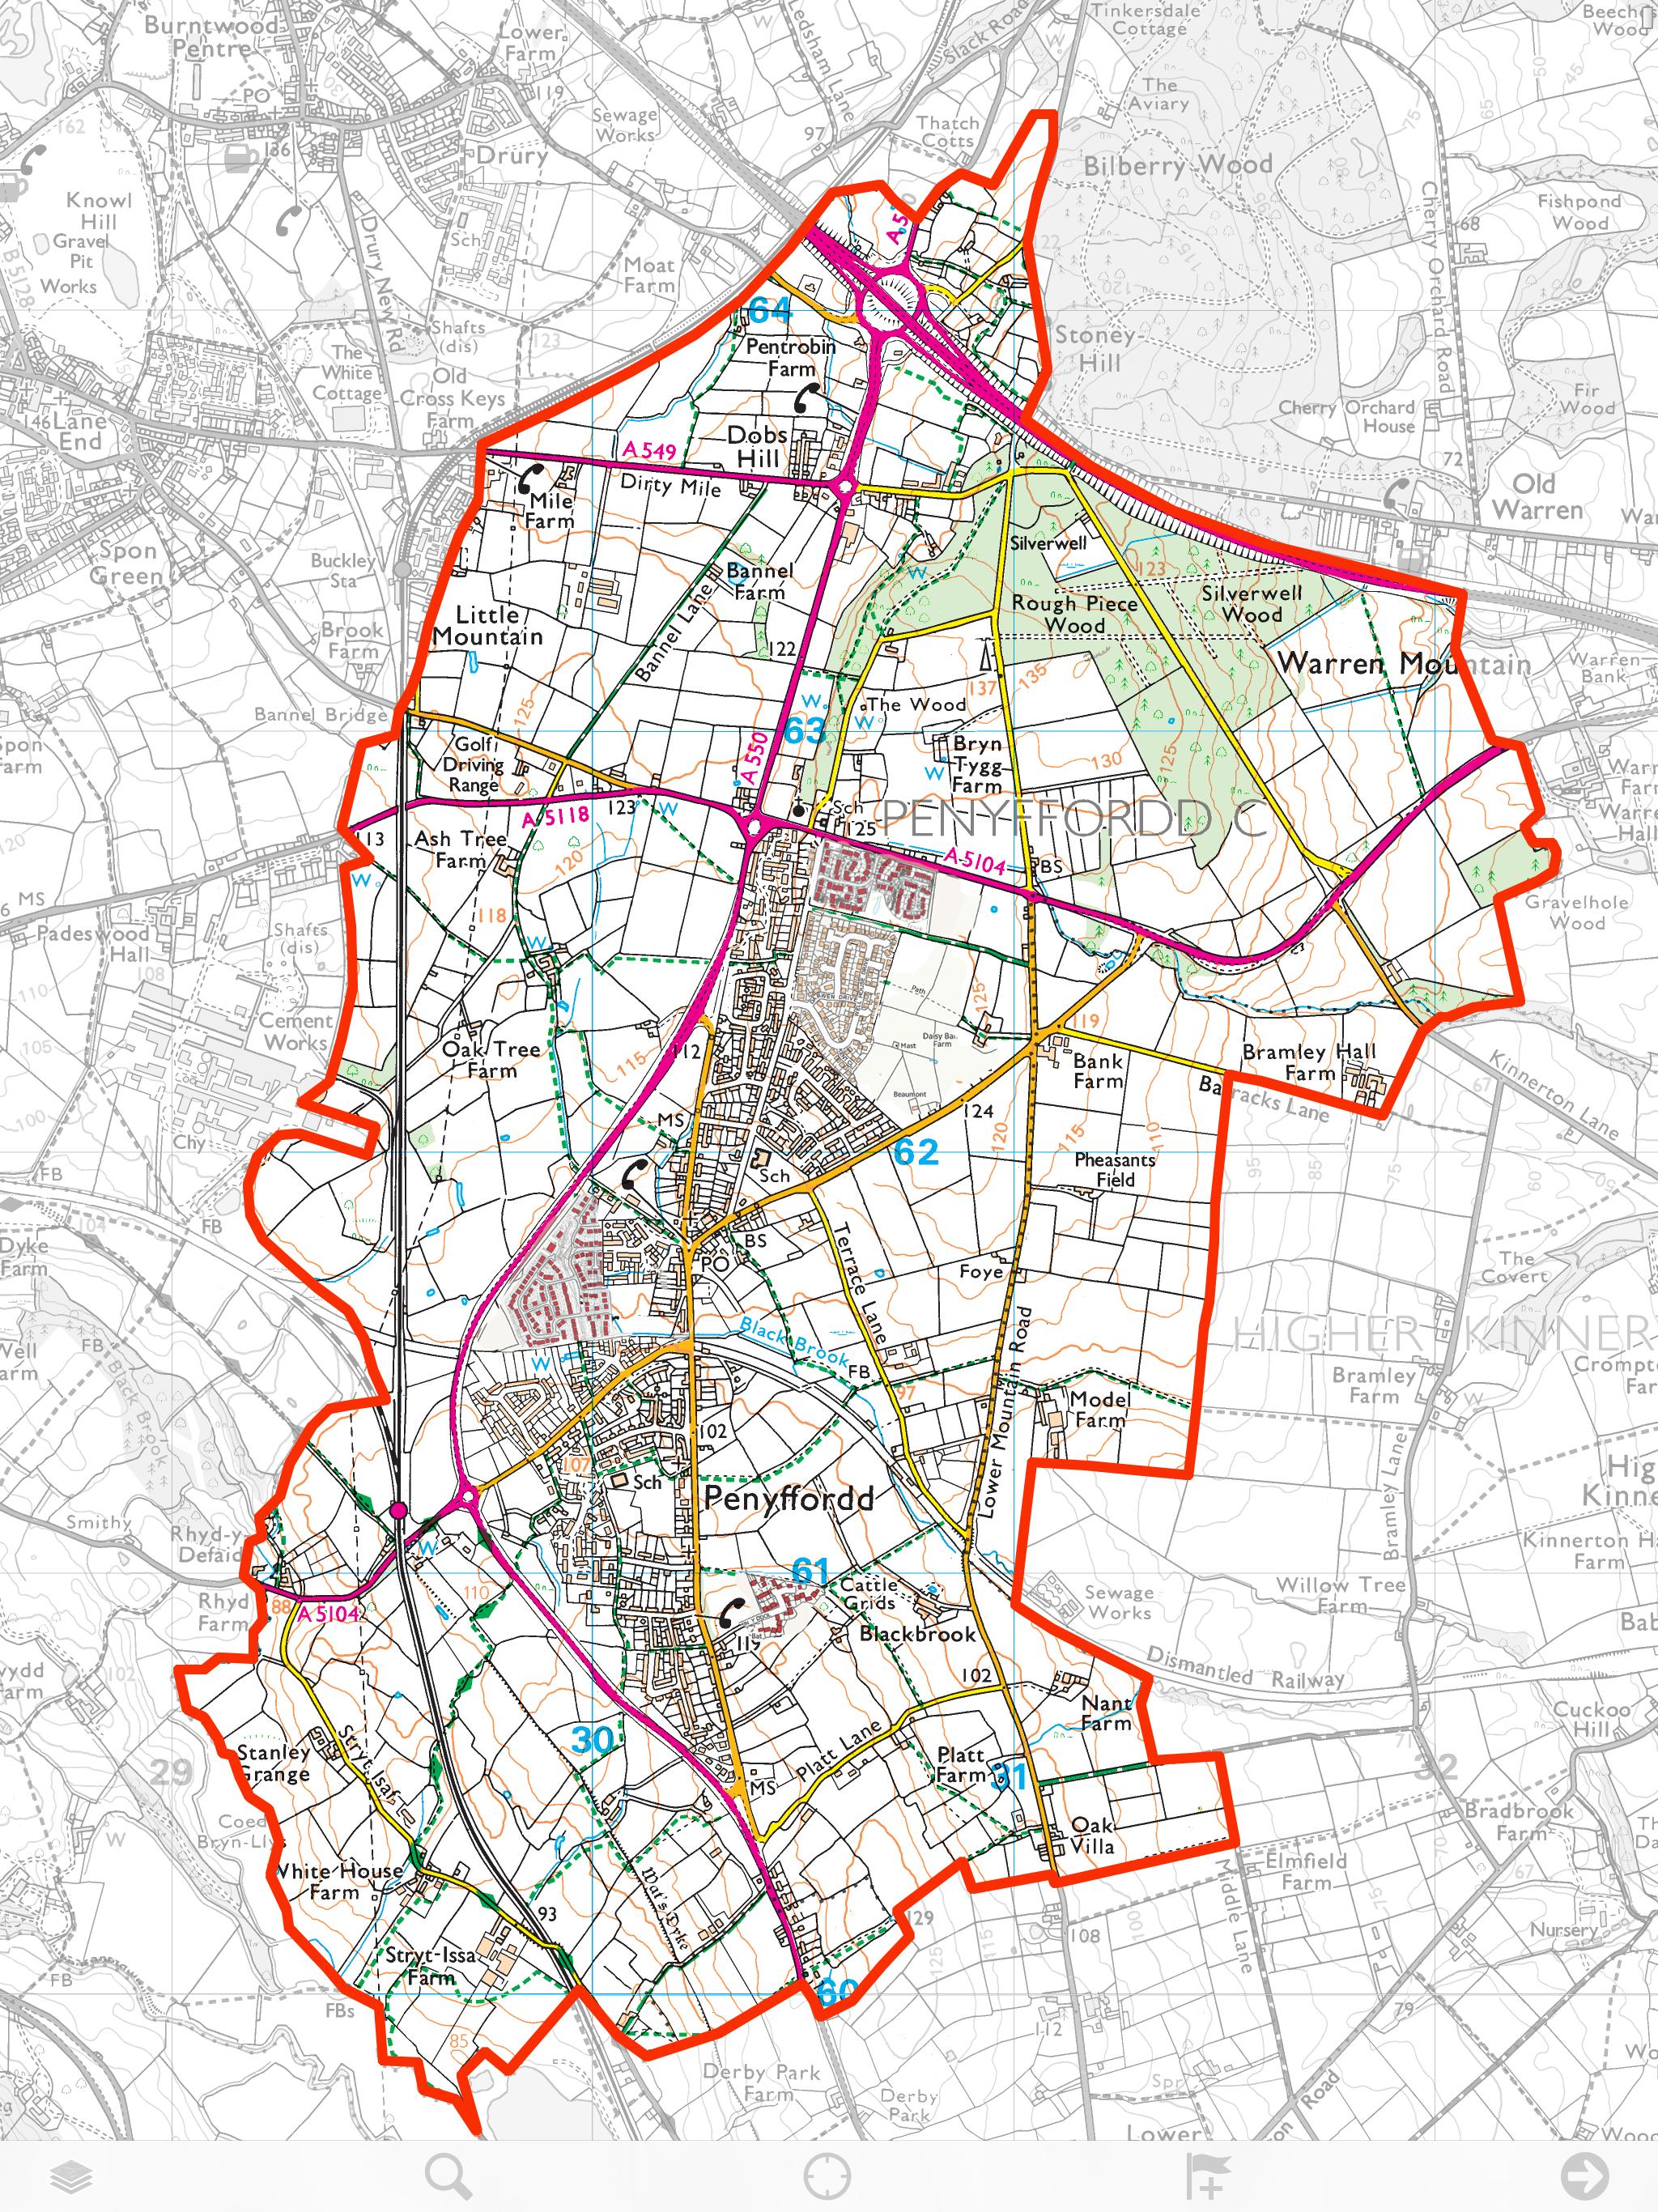 The Pen-y-ffordd Ward boundary 2017